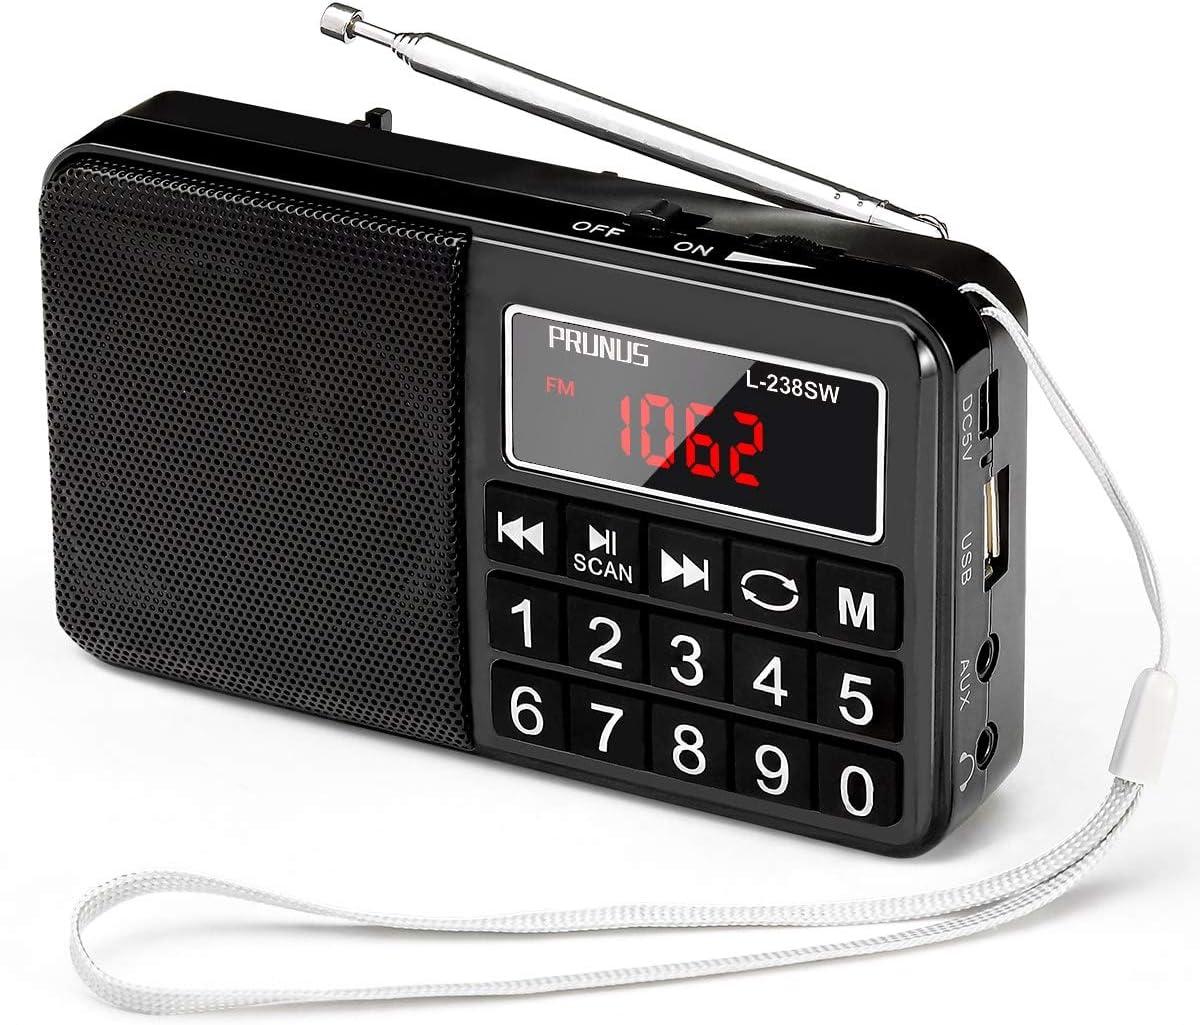 Mini Altavoz PRUNUS Radio L-238SW Reproductor MP3 SW Am(MW) FM con Puerto para Tarjeta TF Memoria USB (Ojo:No se Puede Fijar Las emisoras/No se Puede ...